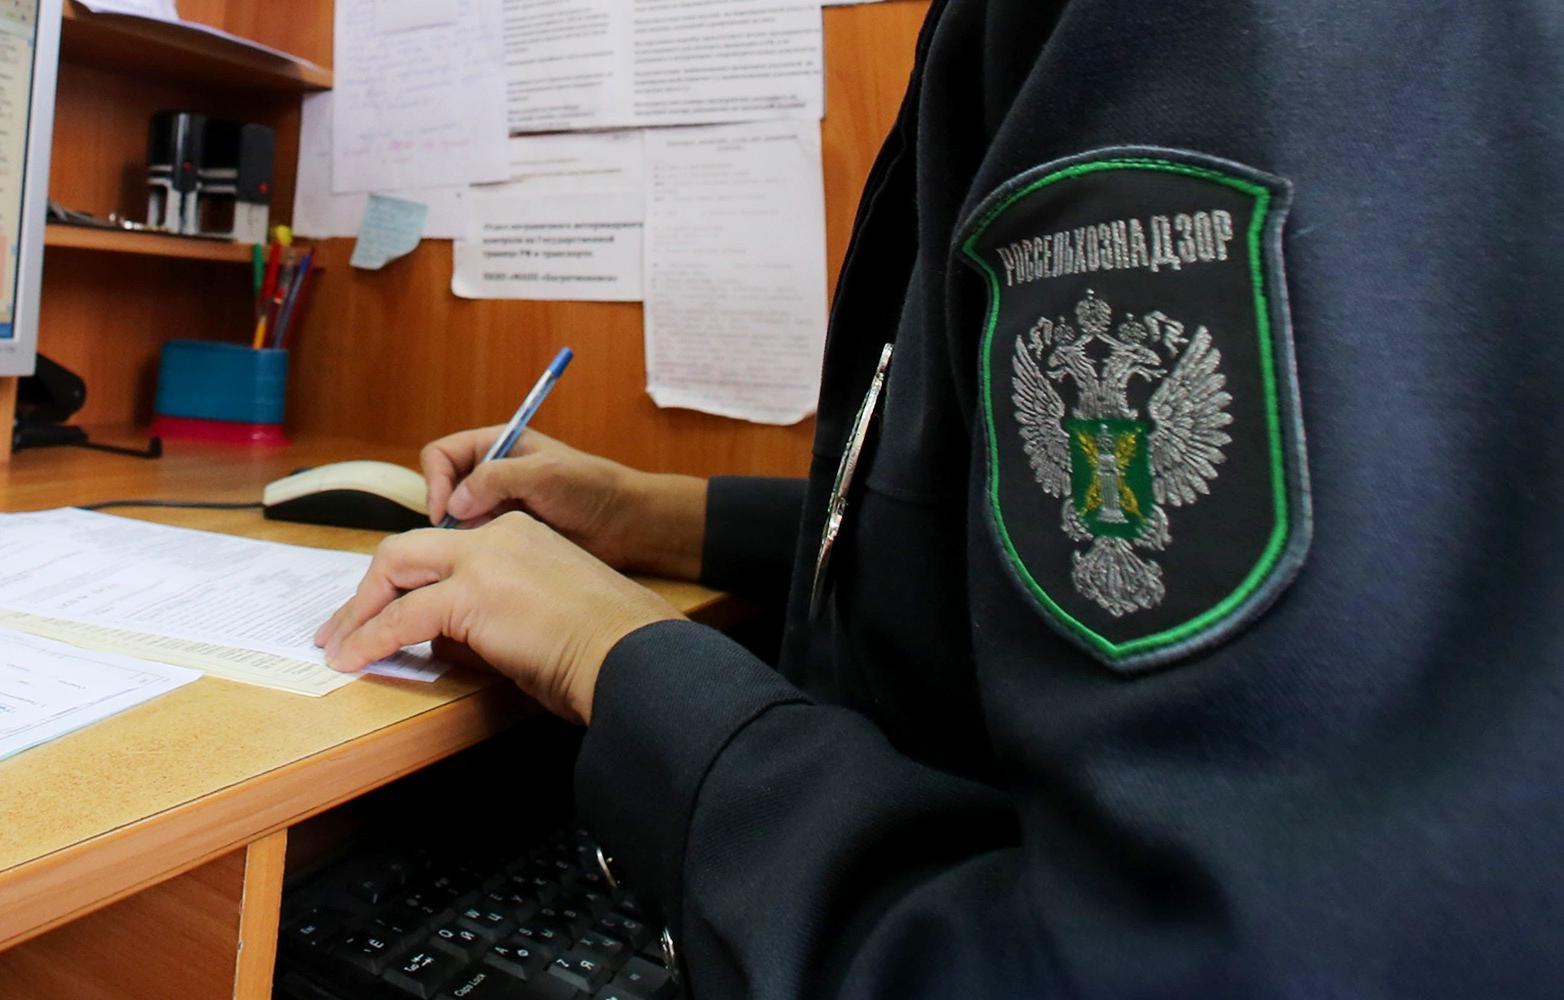 126 предостережений выданы нарушителям земельного законодательства в 2021 году в Тверской области - новости Афанасий